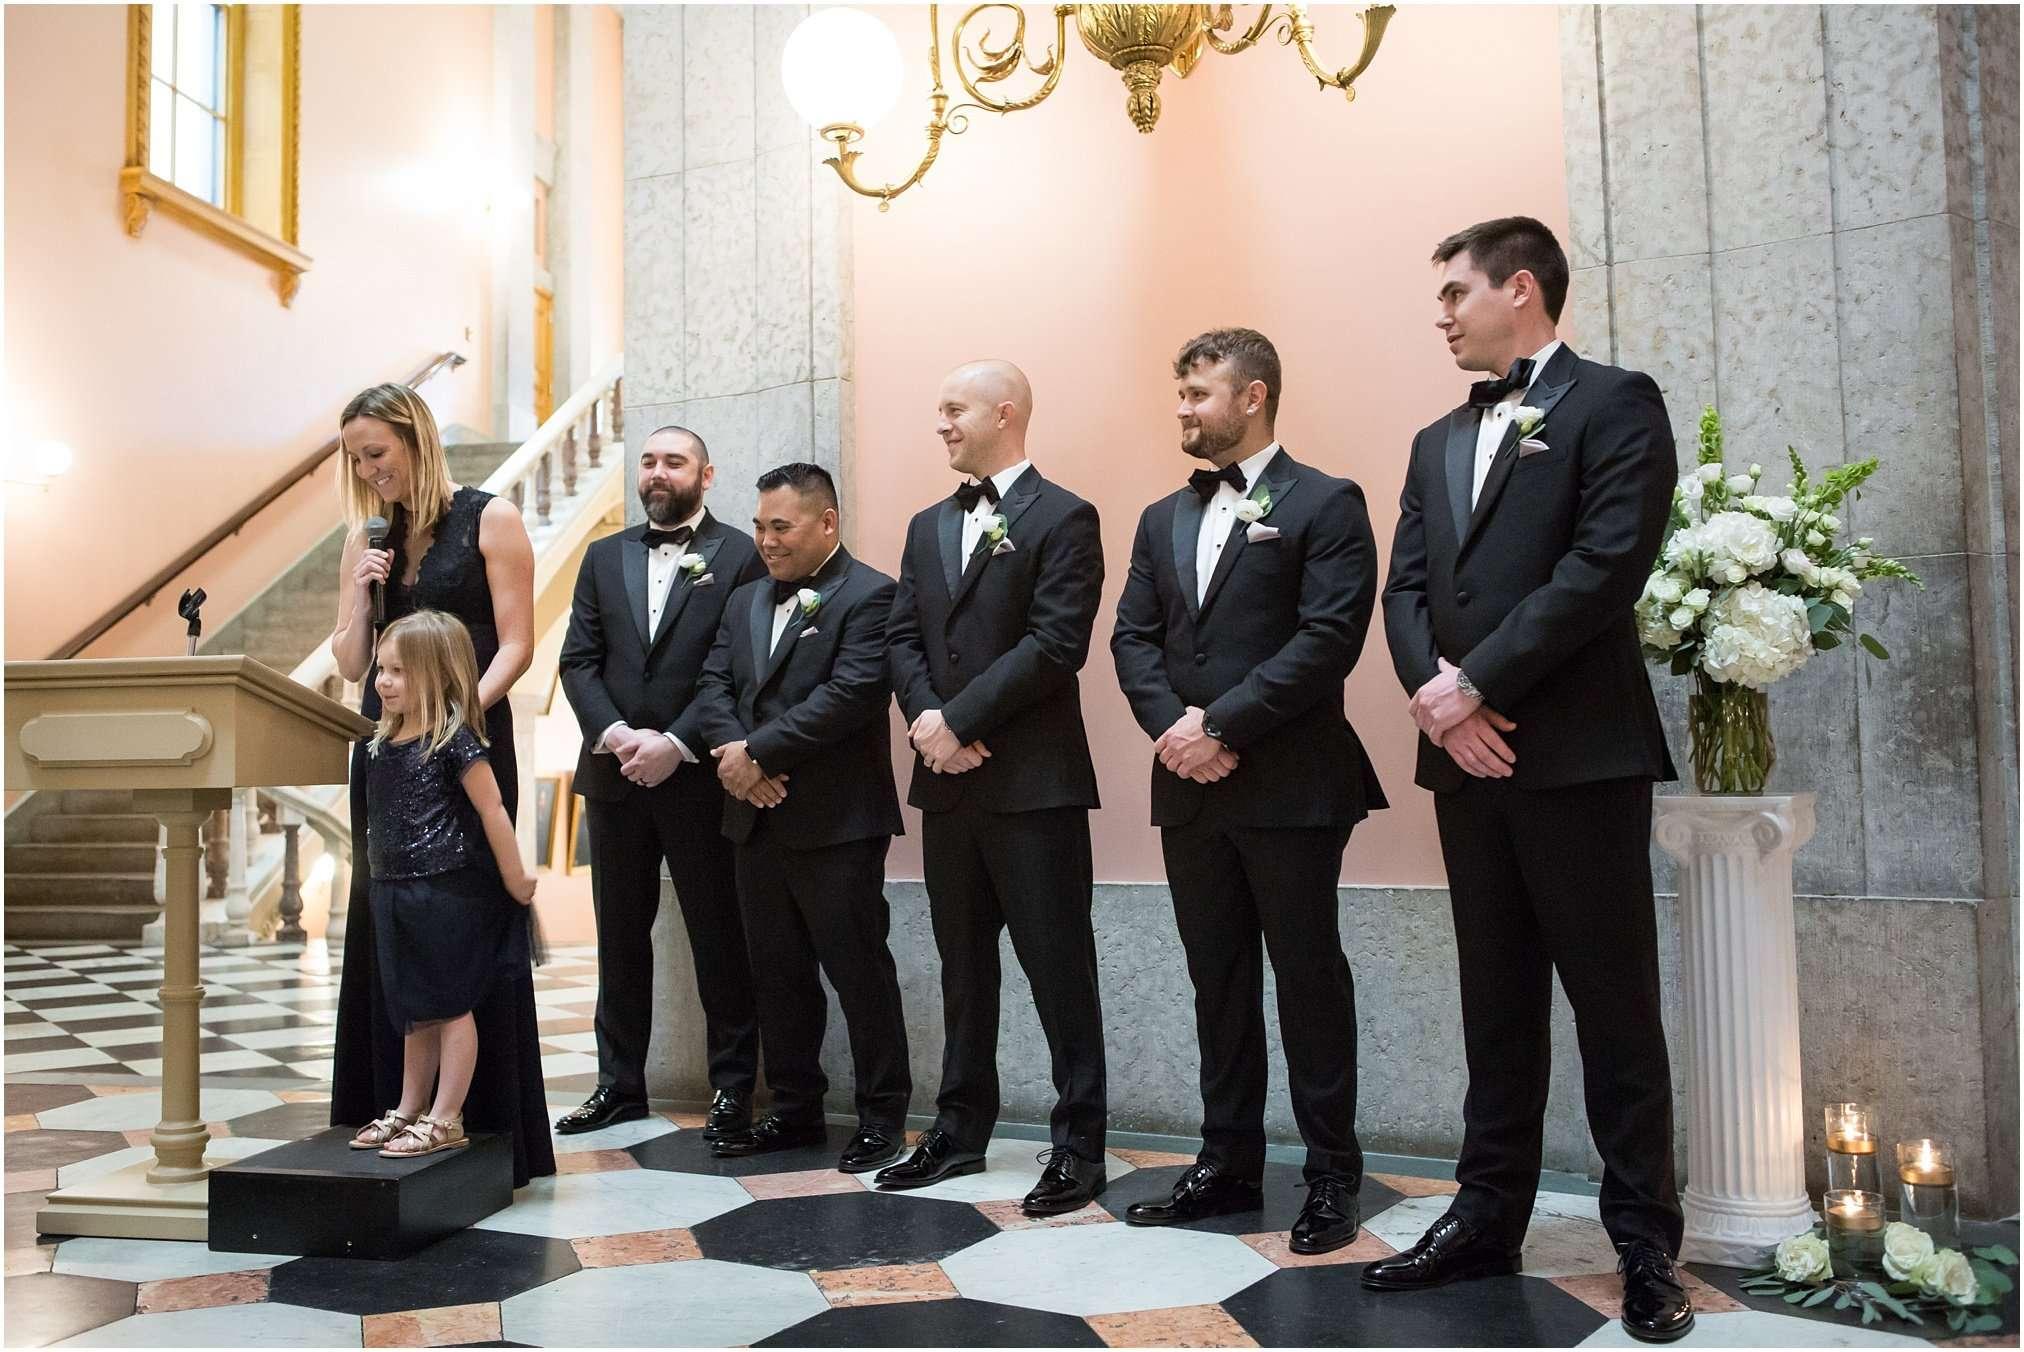 Spring Wedding at the Ohio Statehouse | Columbus Ohio Photography 132